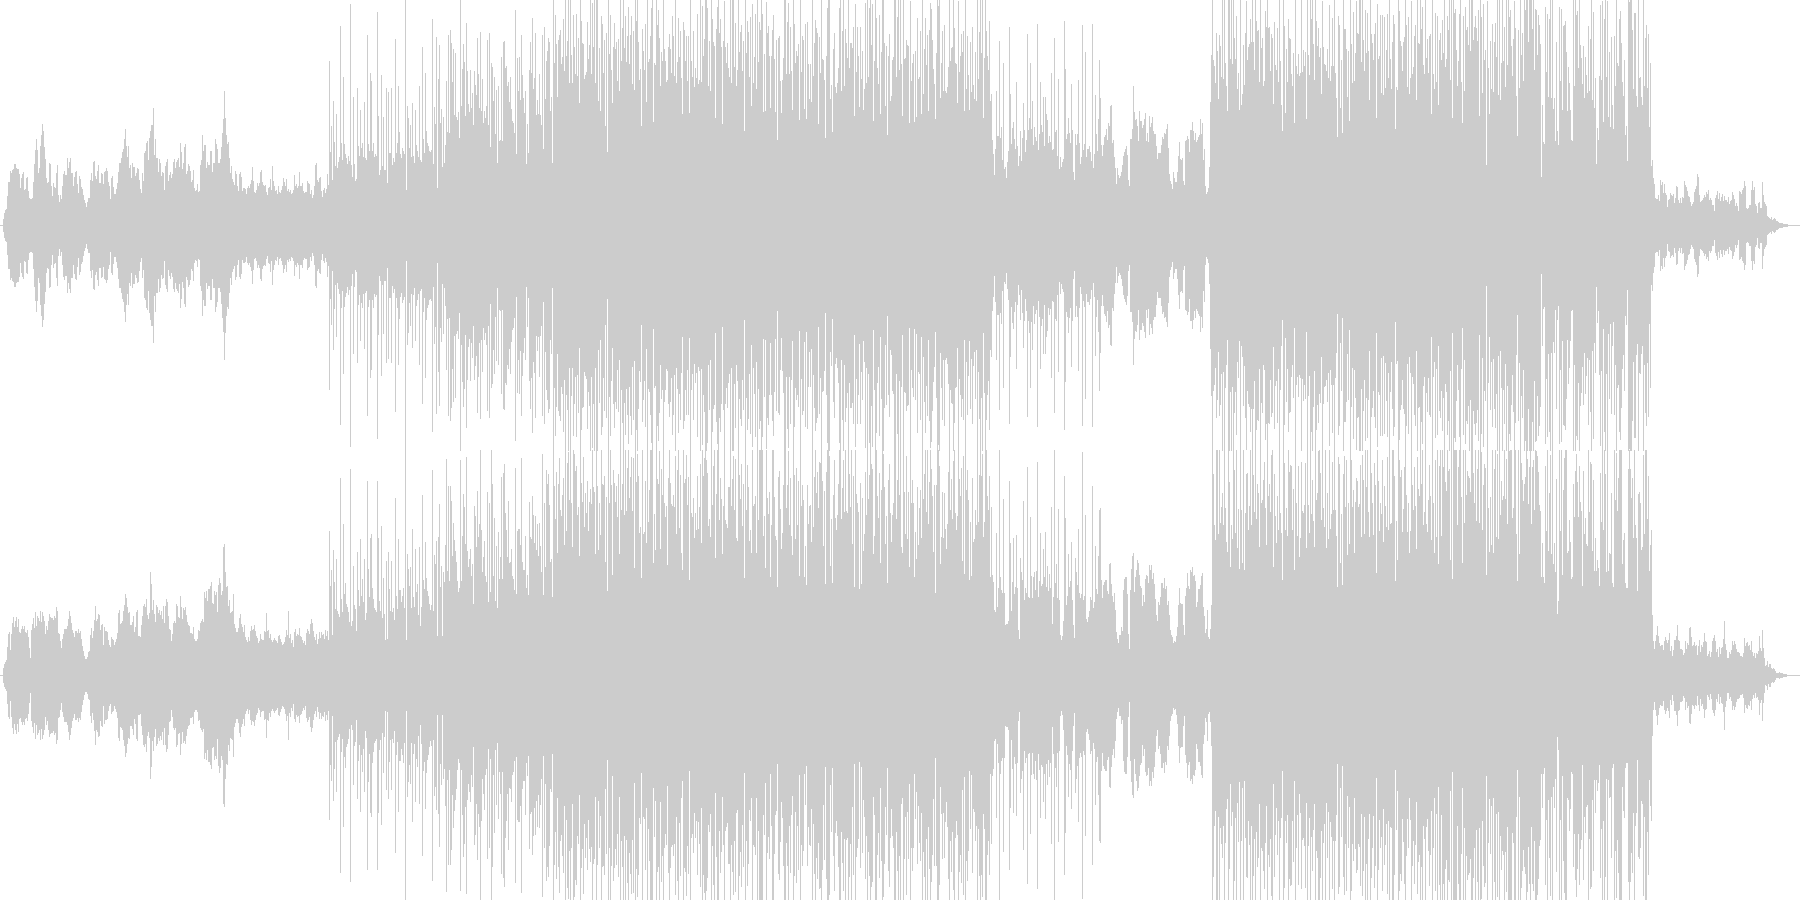 幻想的な雰囲気のチル系エレクトロニカの未再生の波形